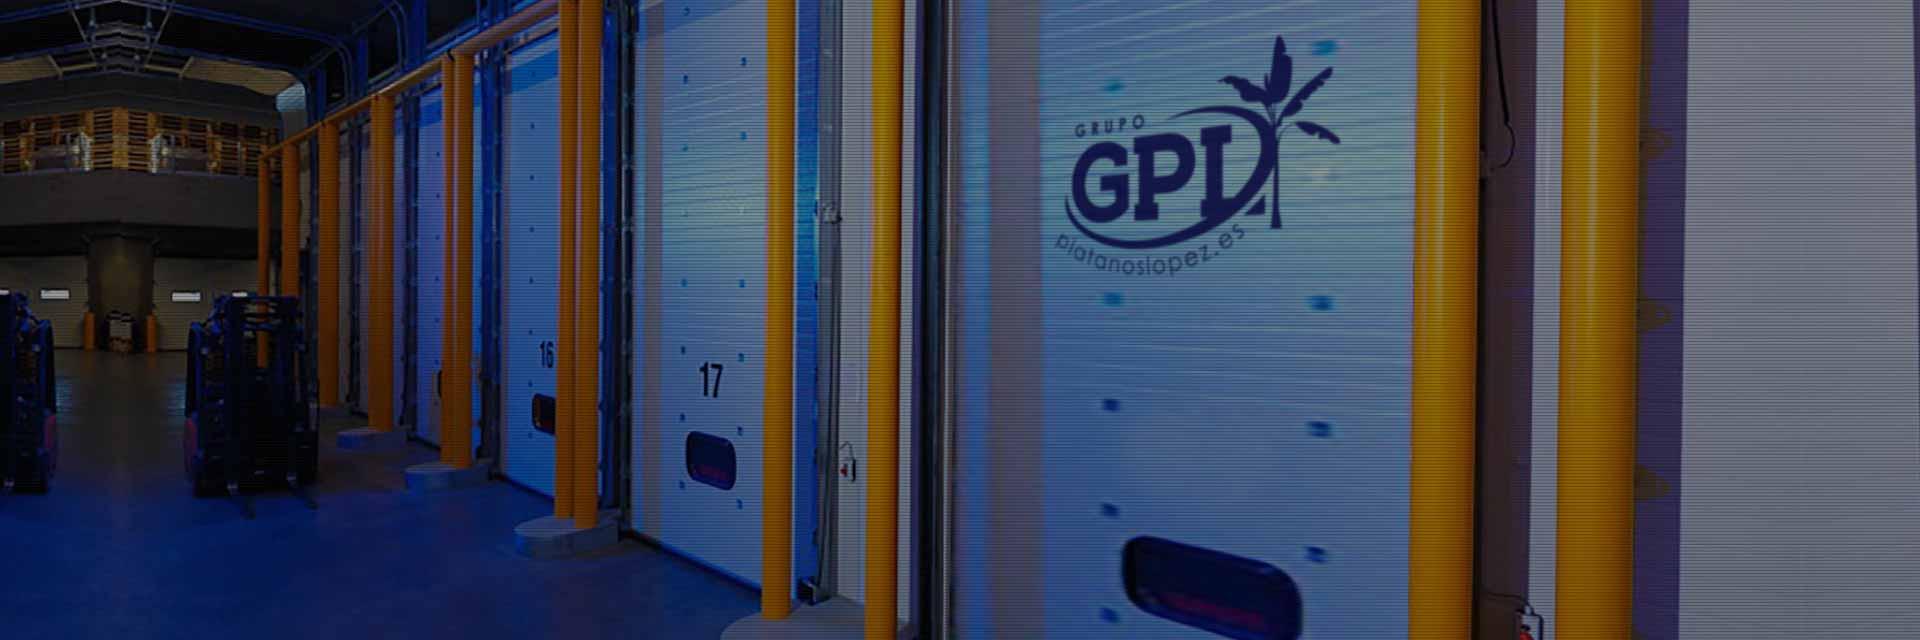 GPL - Somos expertos en maduración